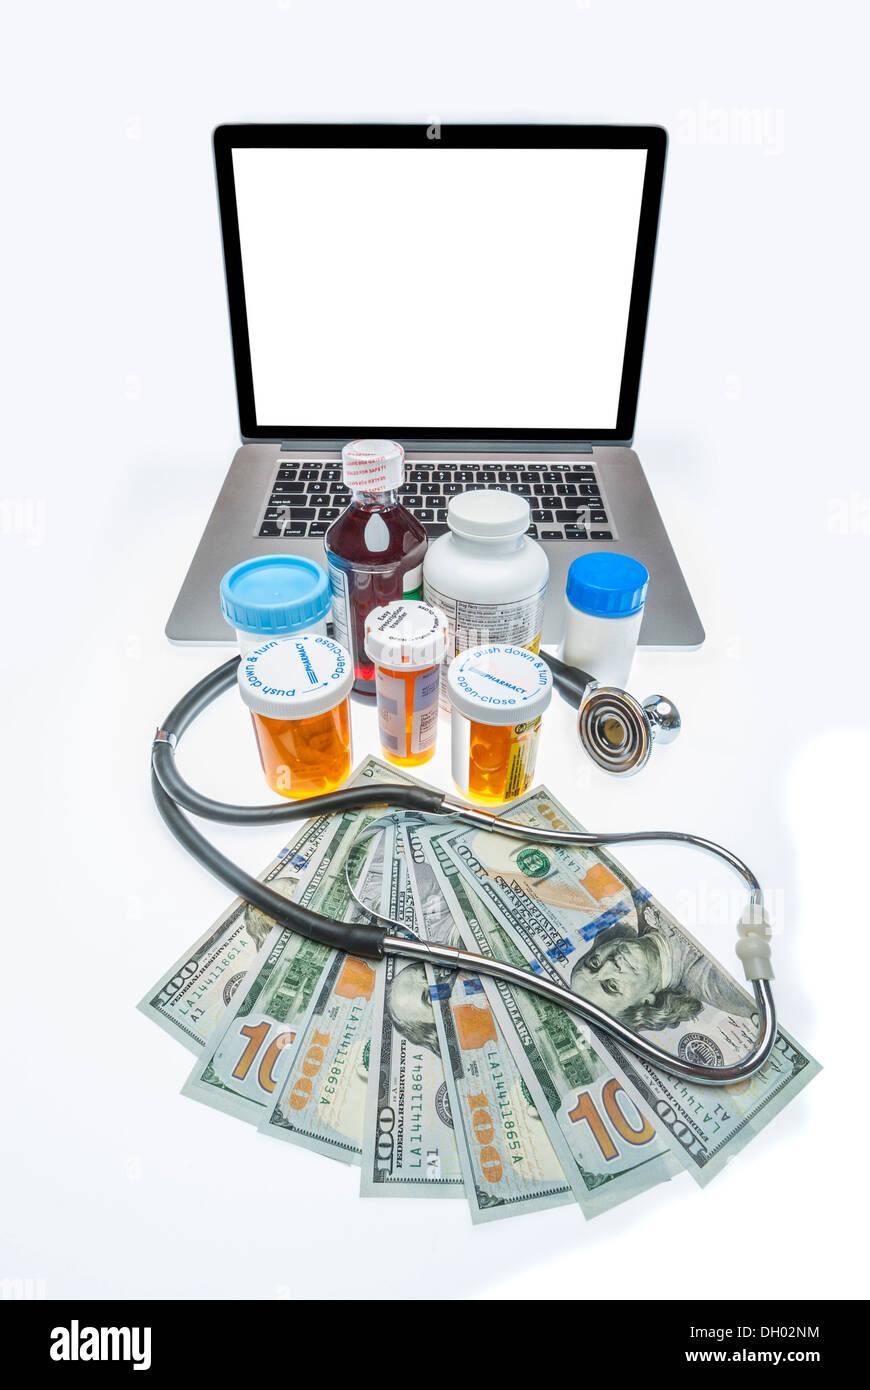 Costo del cuidado de la salud Imagen De Stock